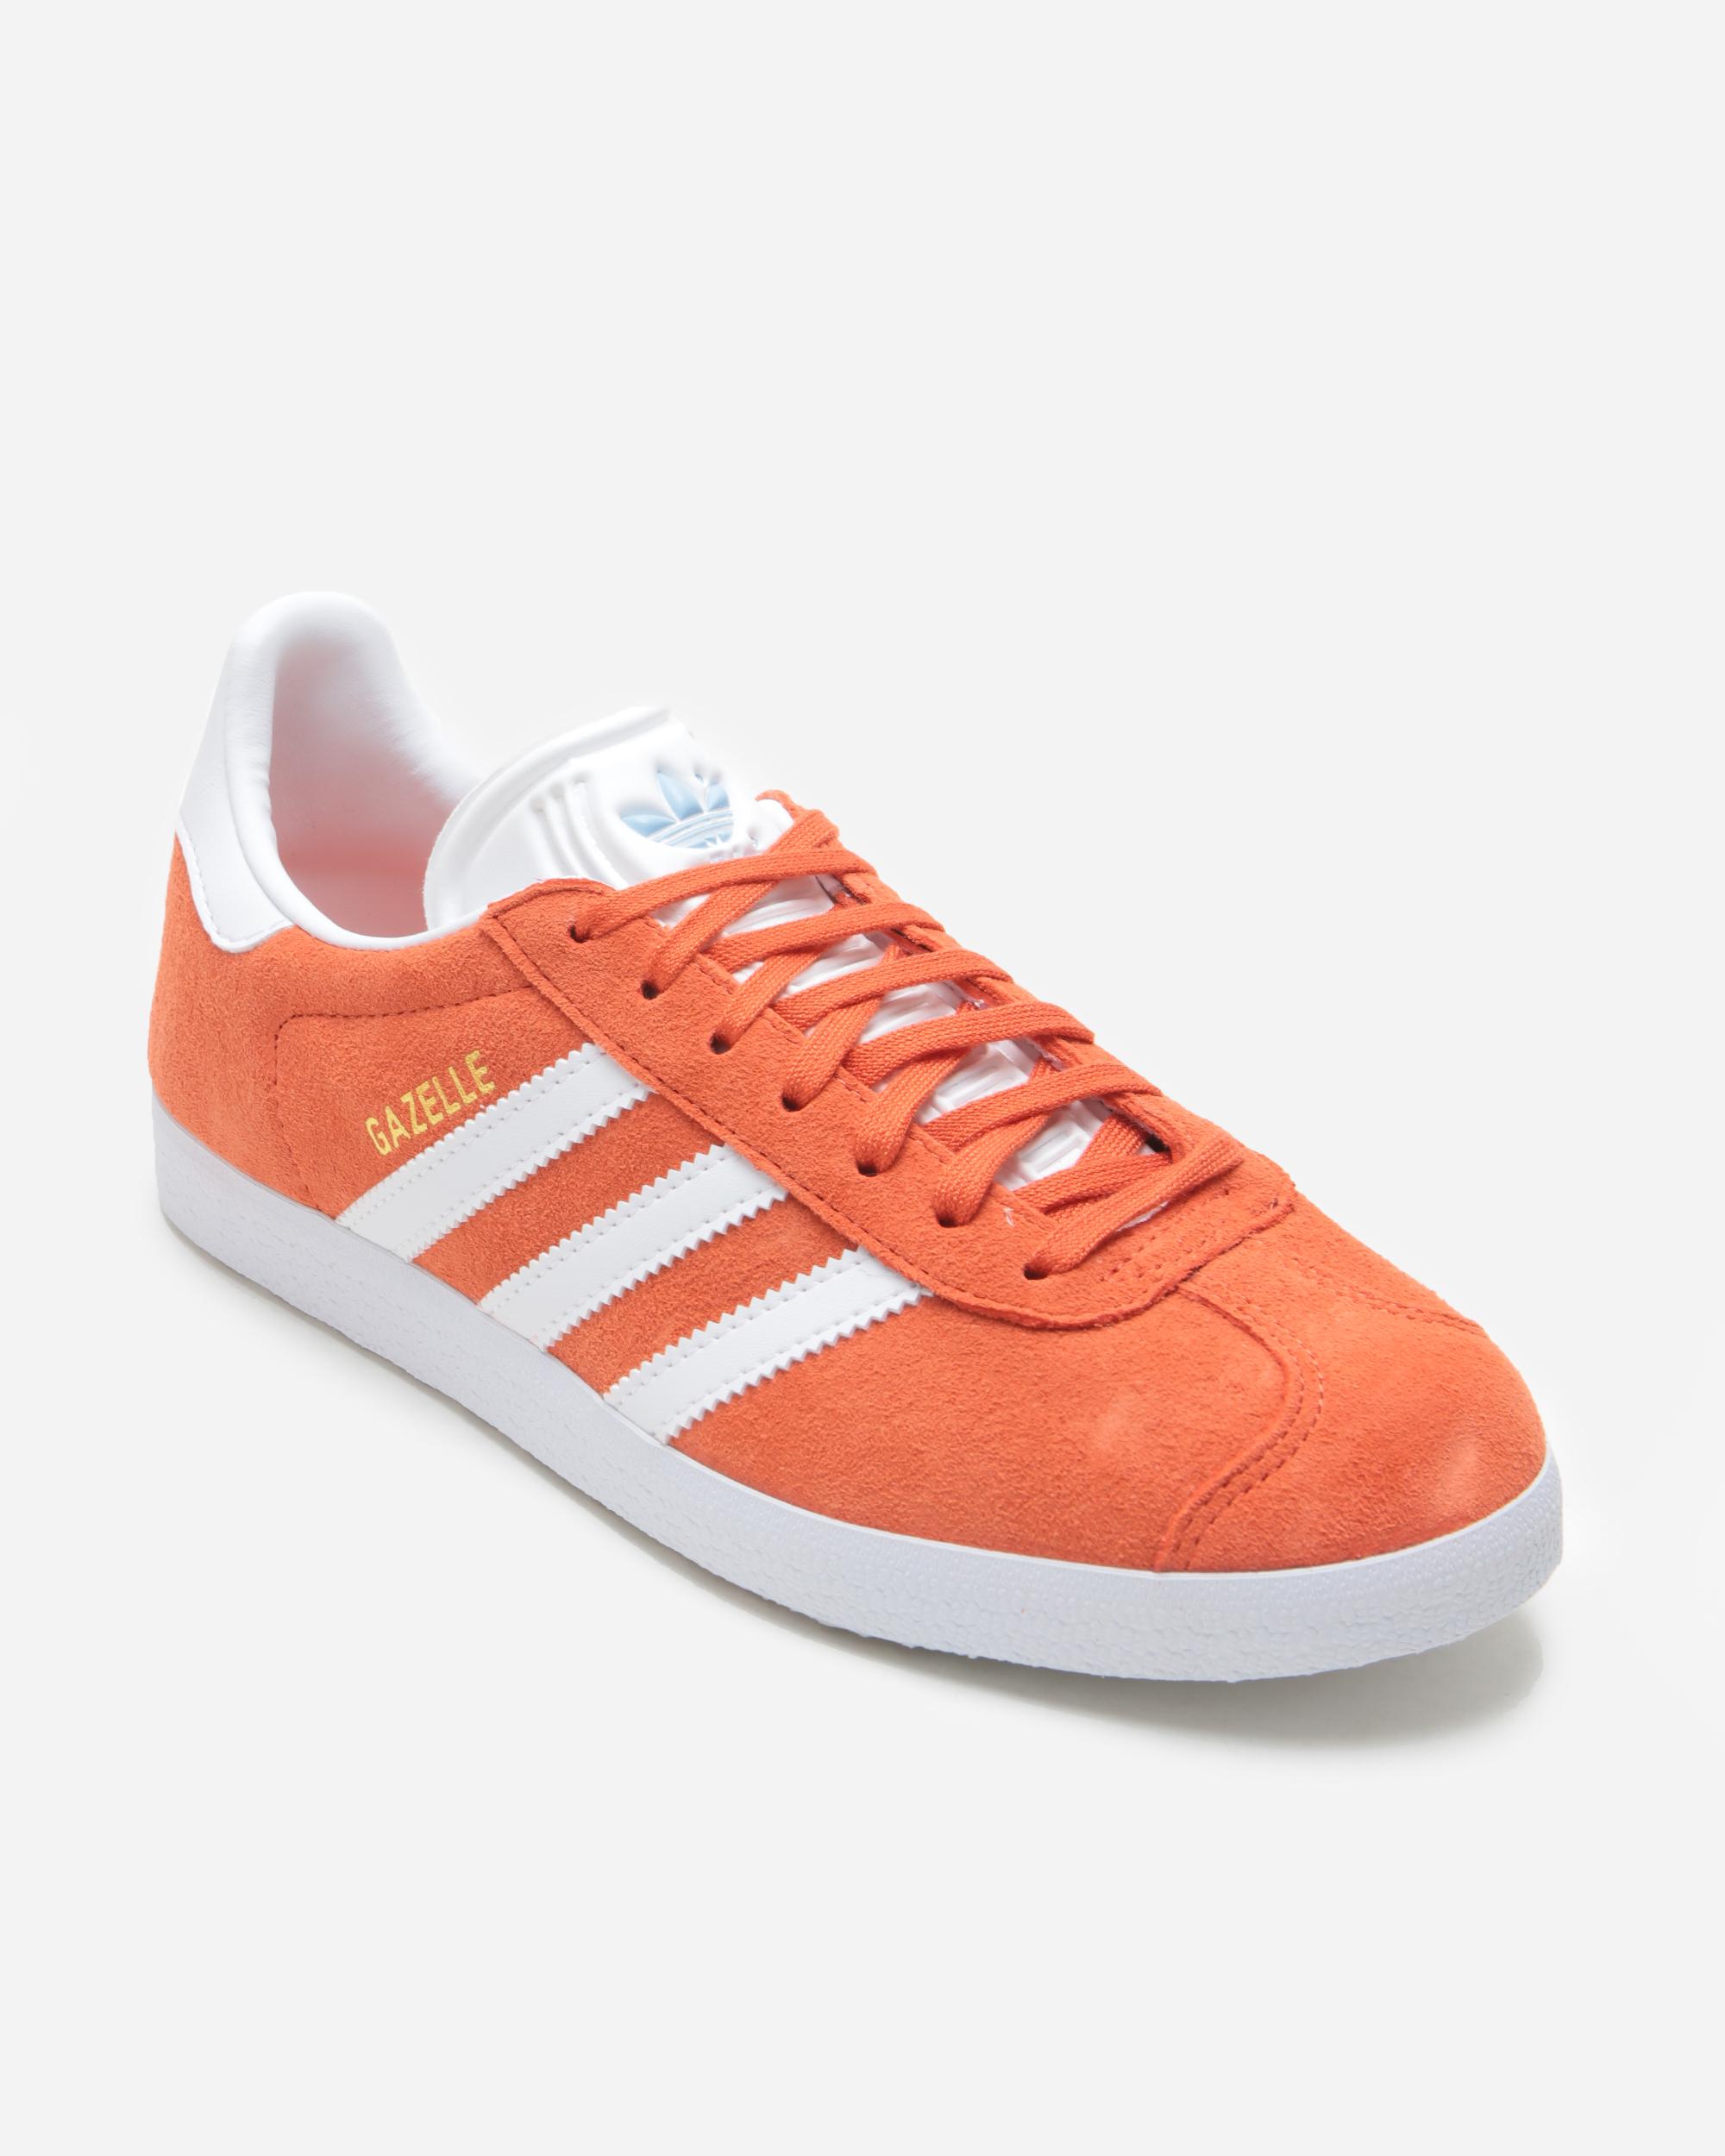 Adidas Originals Gazelle Orange/White | EF6511